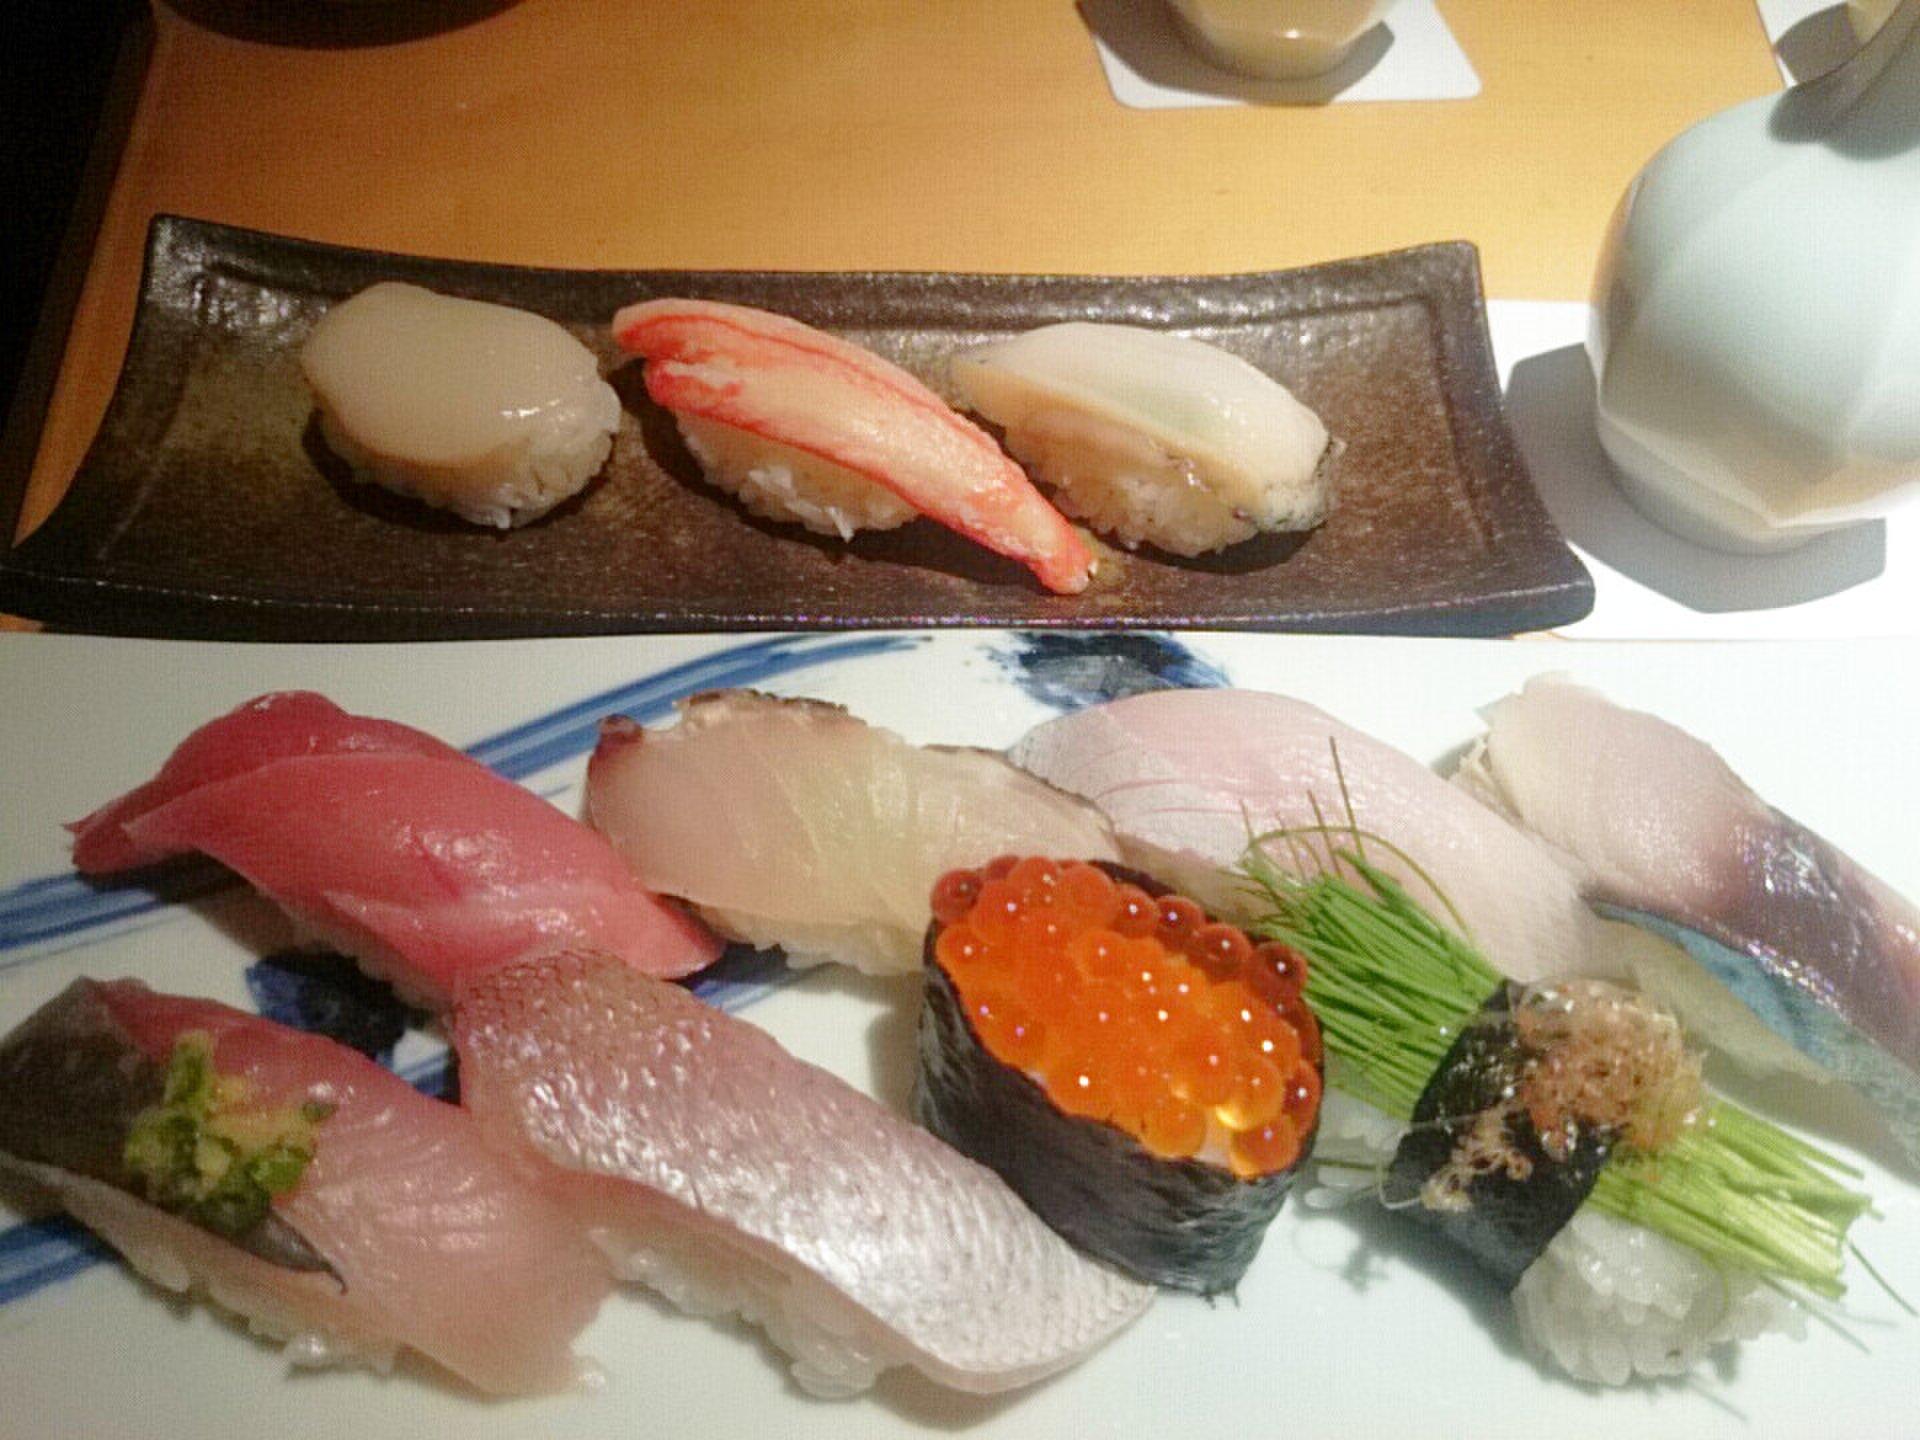 横浜で銀座の名店寿司をリーズナブルに食べられるお店!福助横浜高島屋